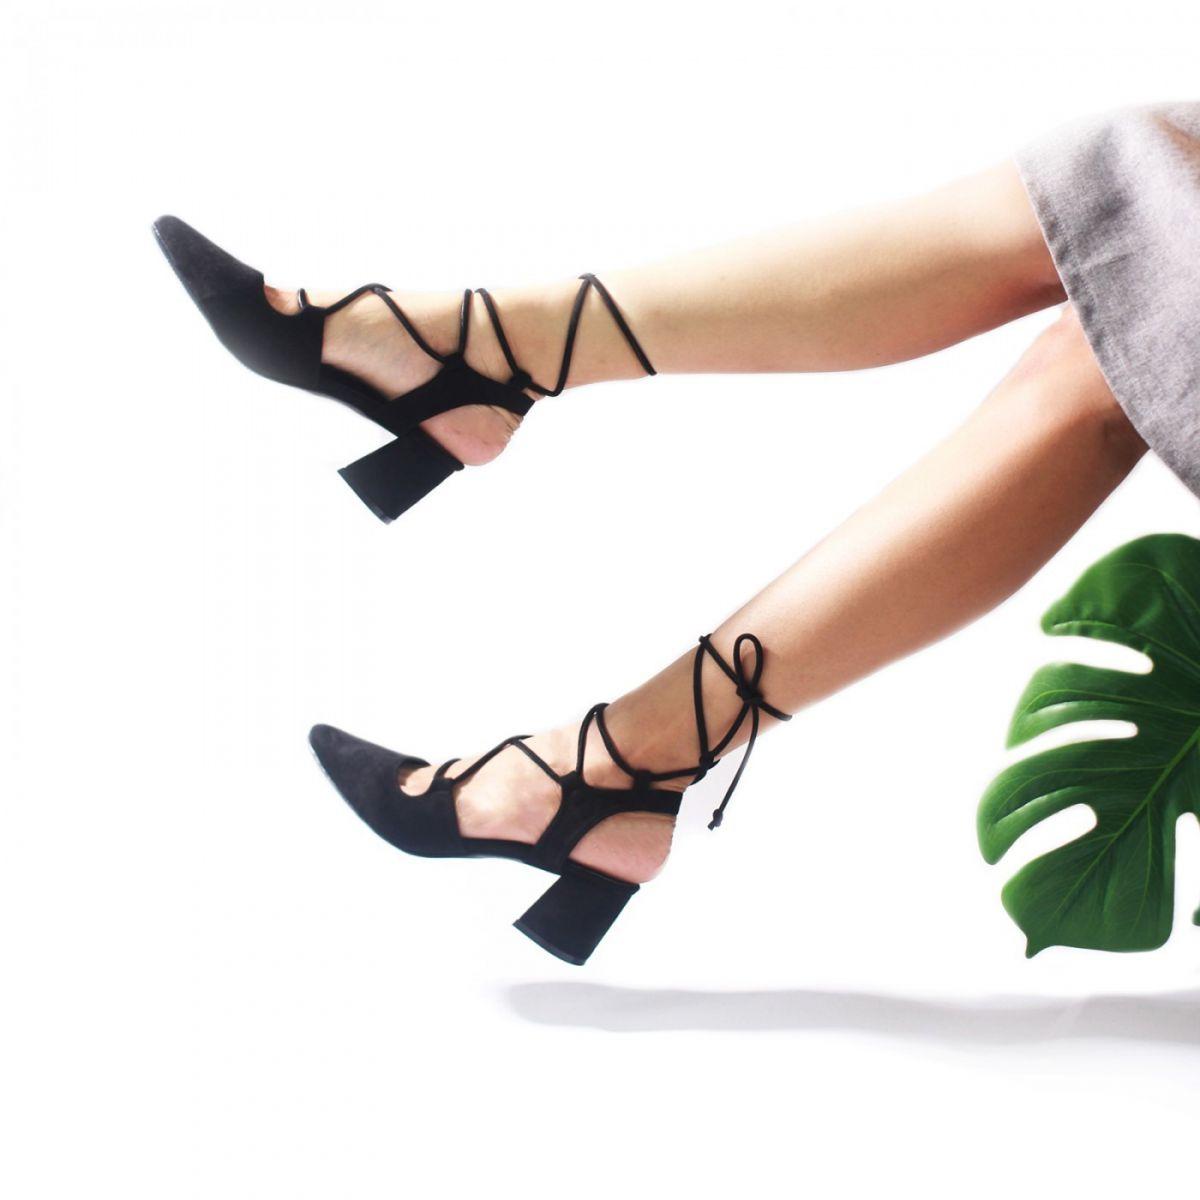 Nguồn giày dép kinh doanh cần phải có được chất lượng và hợp thời trang